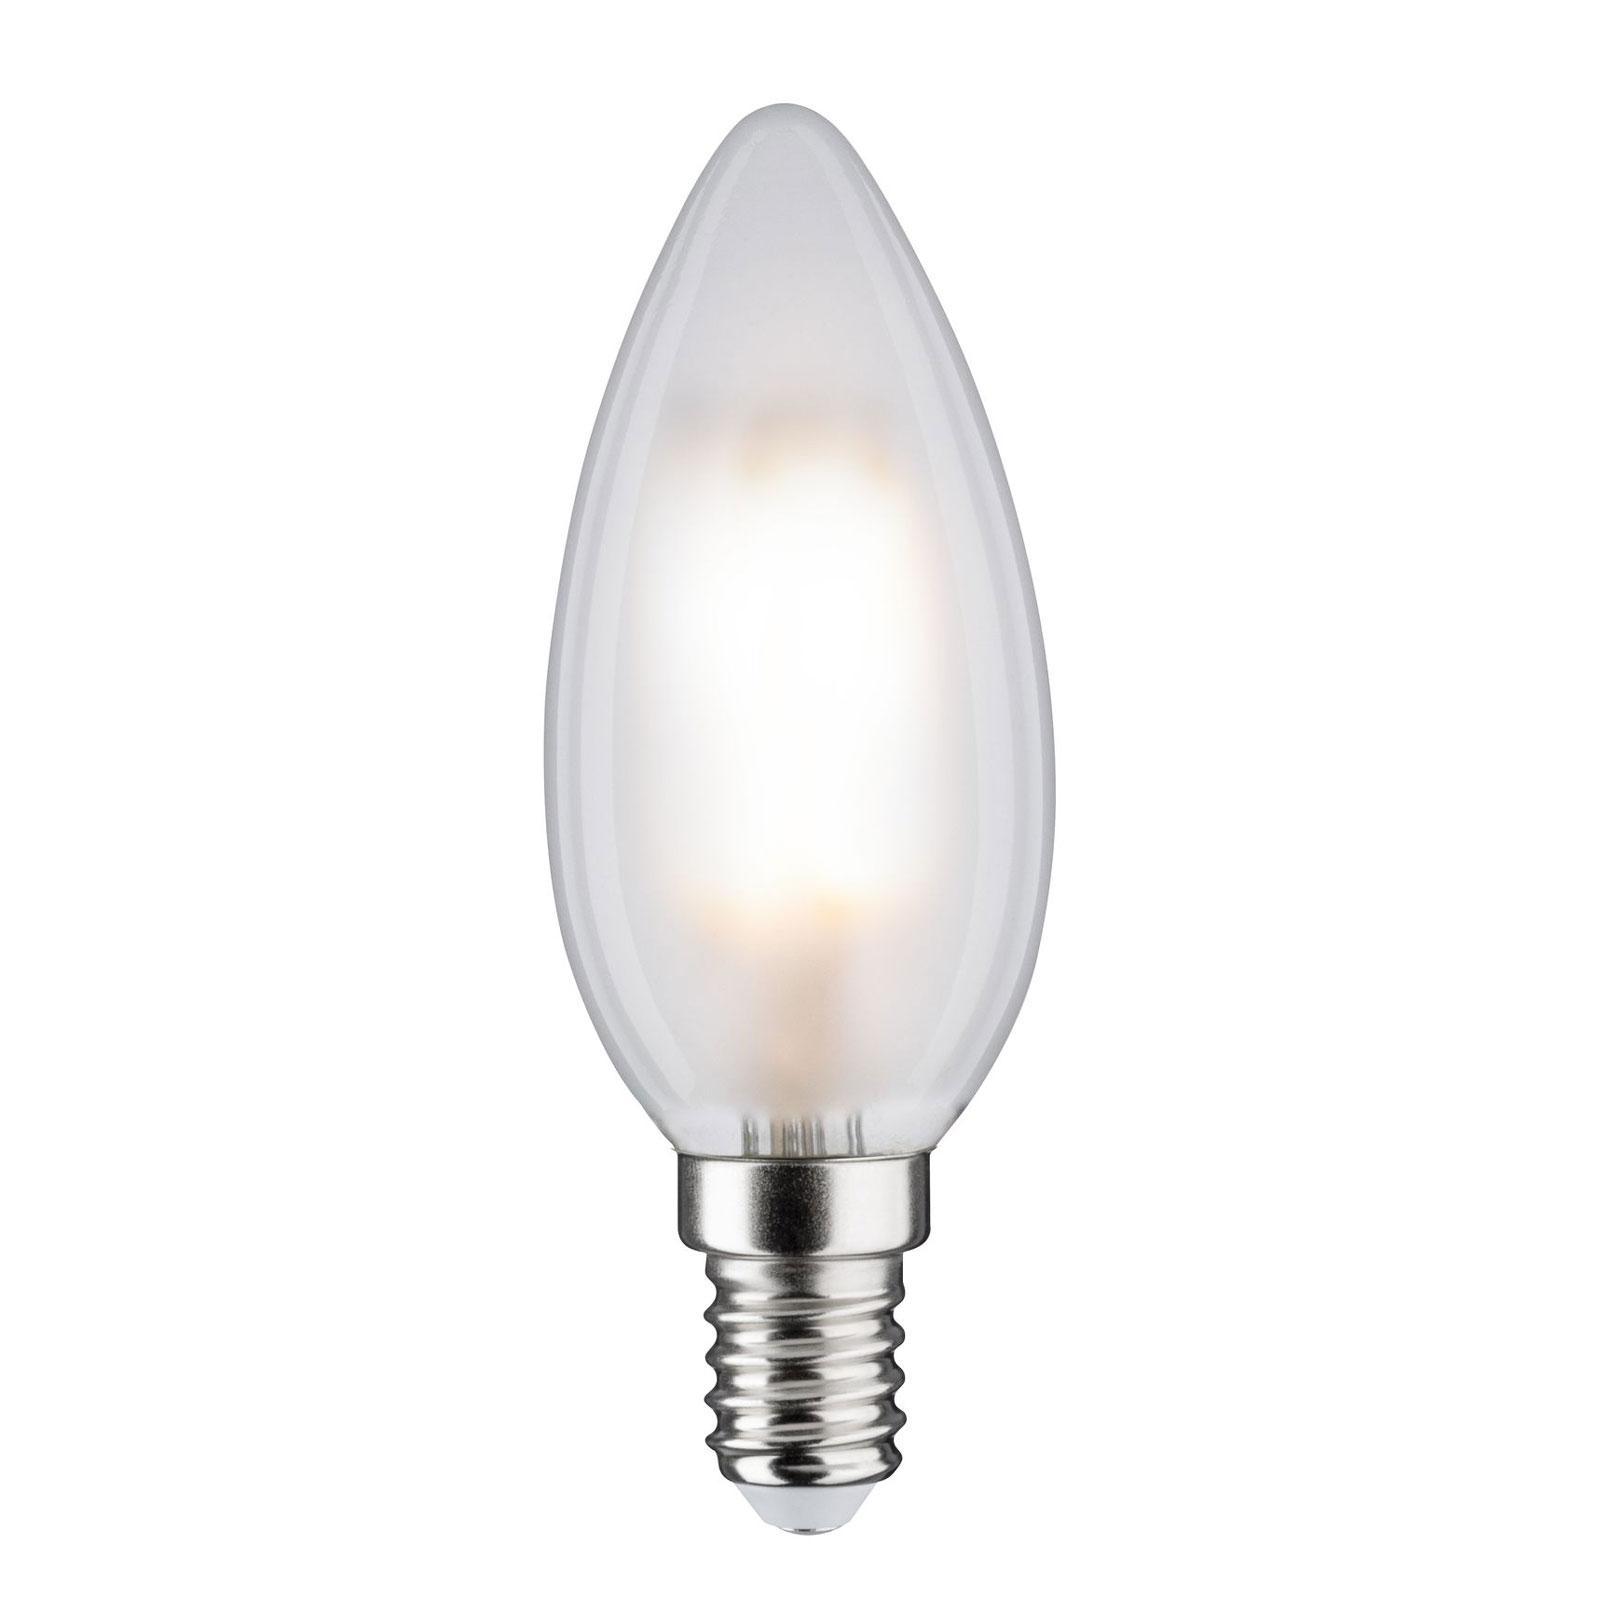 LED-Lampe E14 B35 5W 840 matt dimmbar